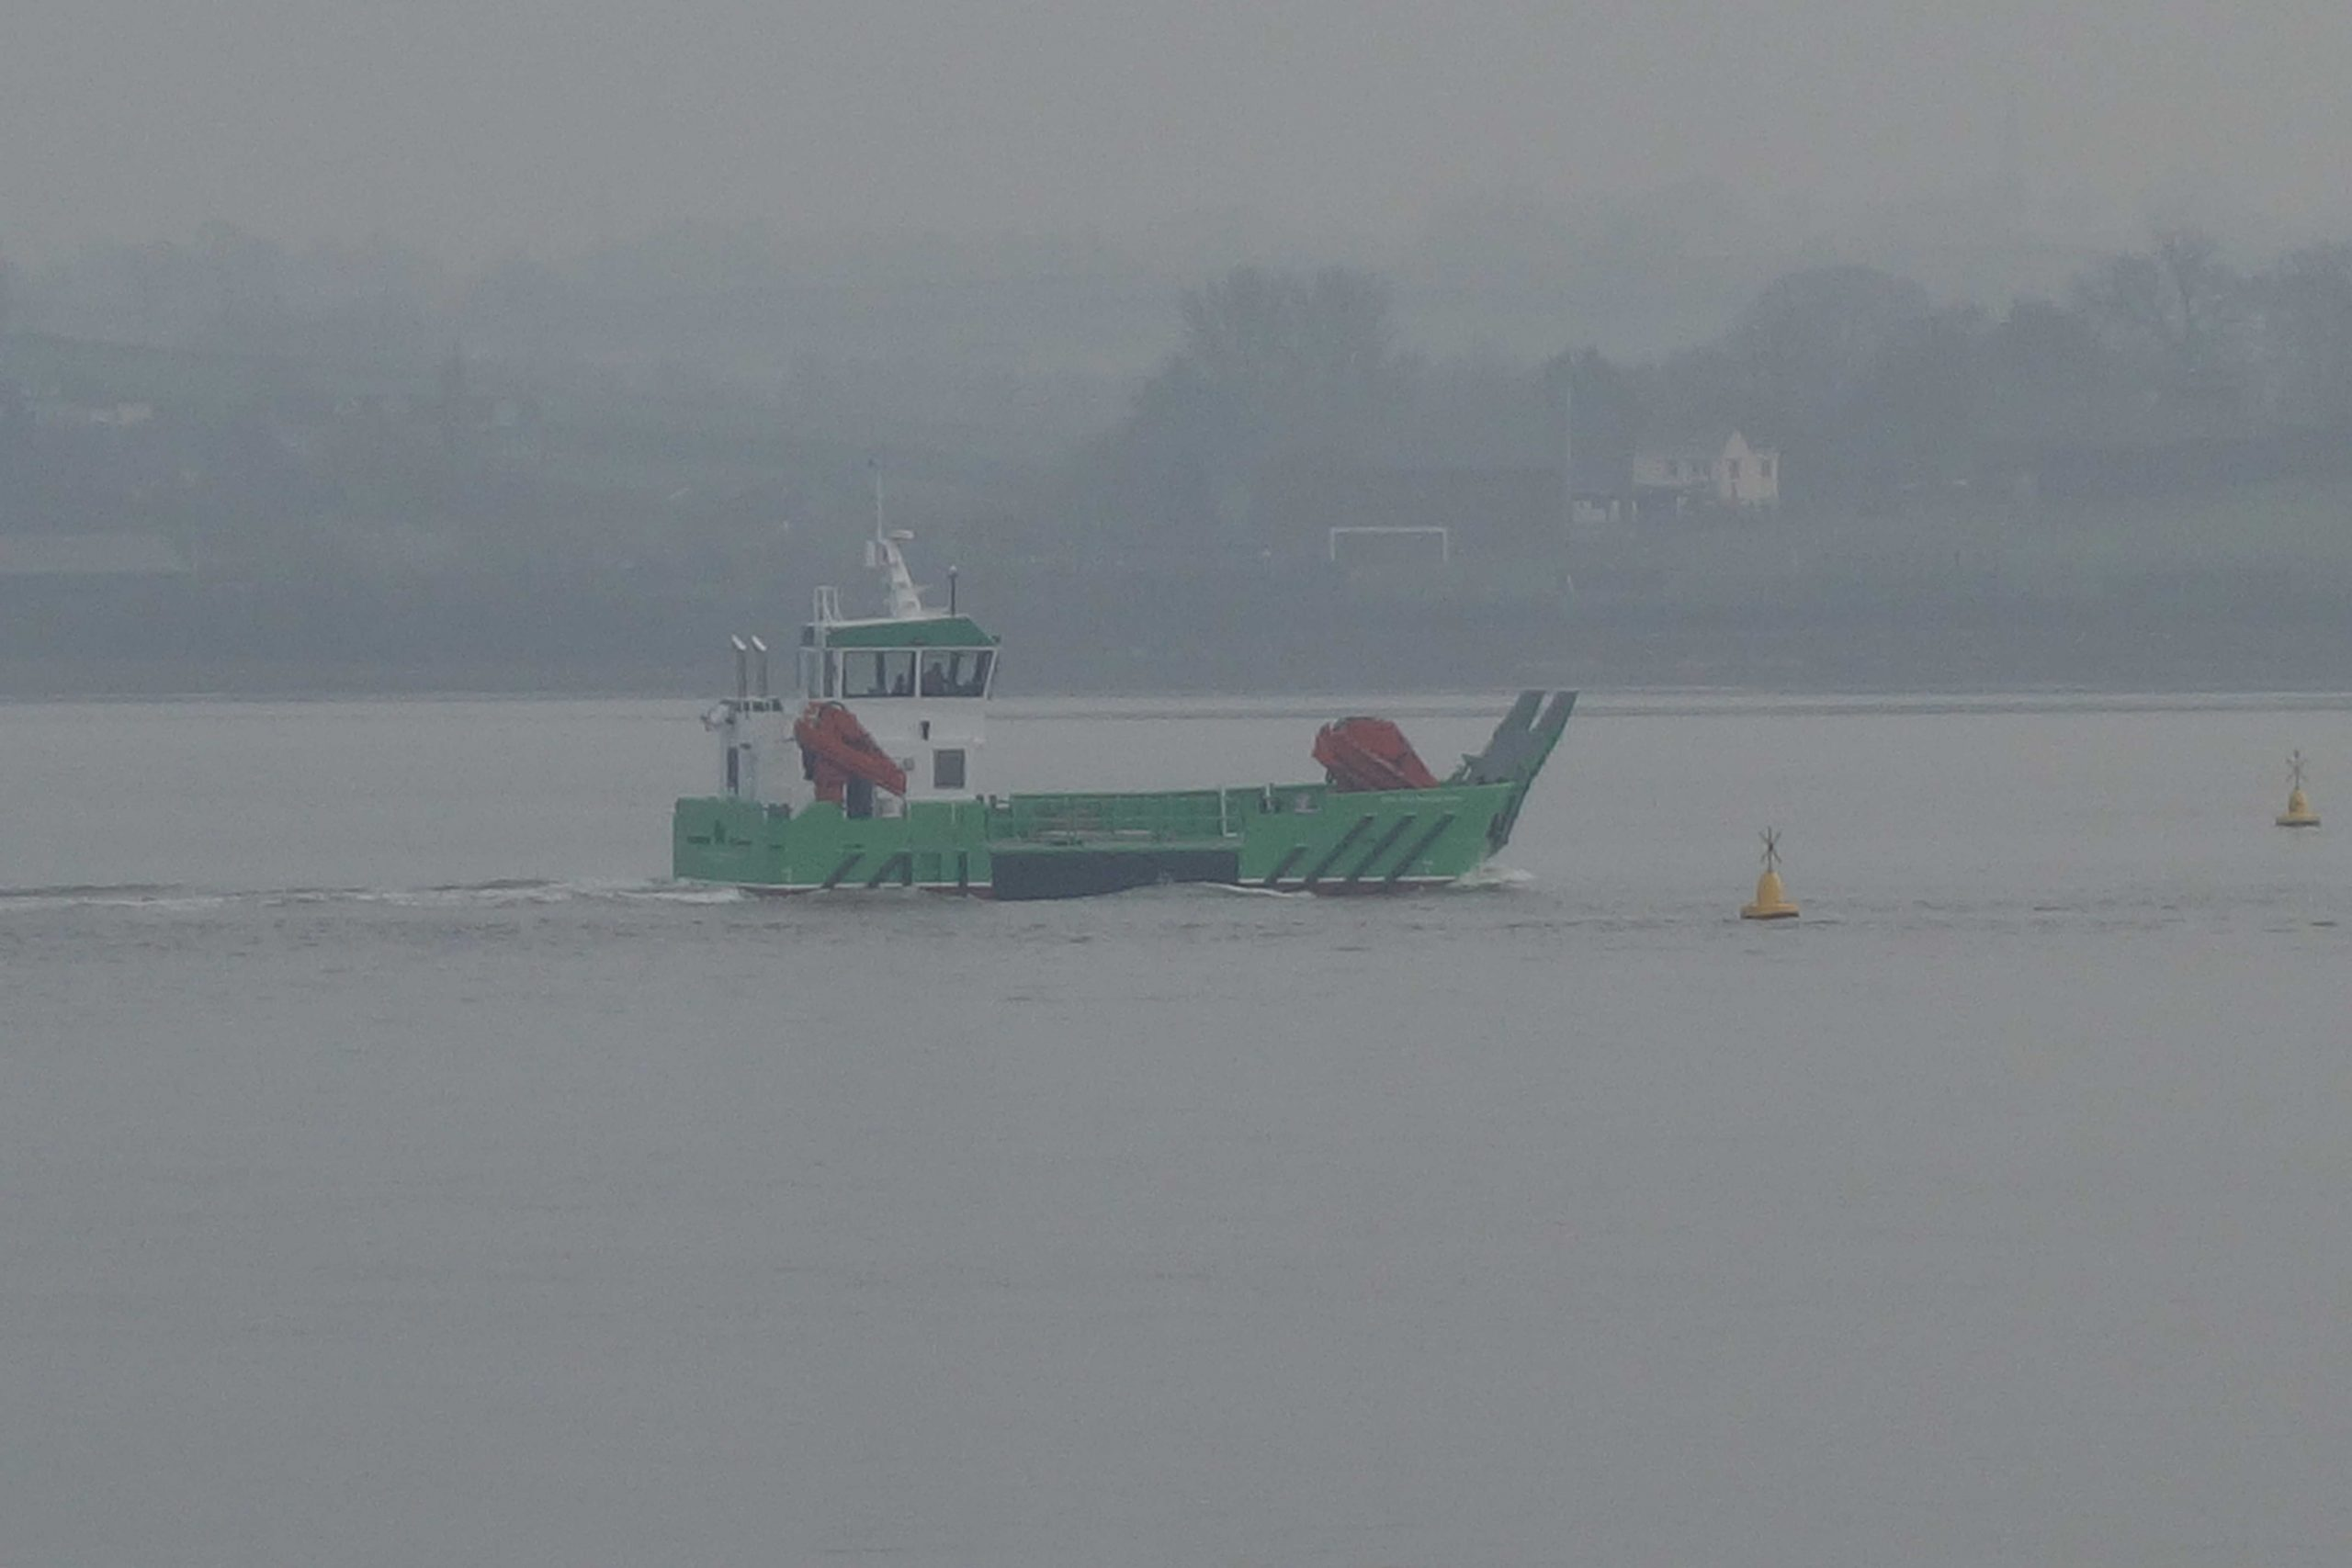 Landing craft, Exton